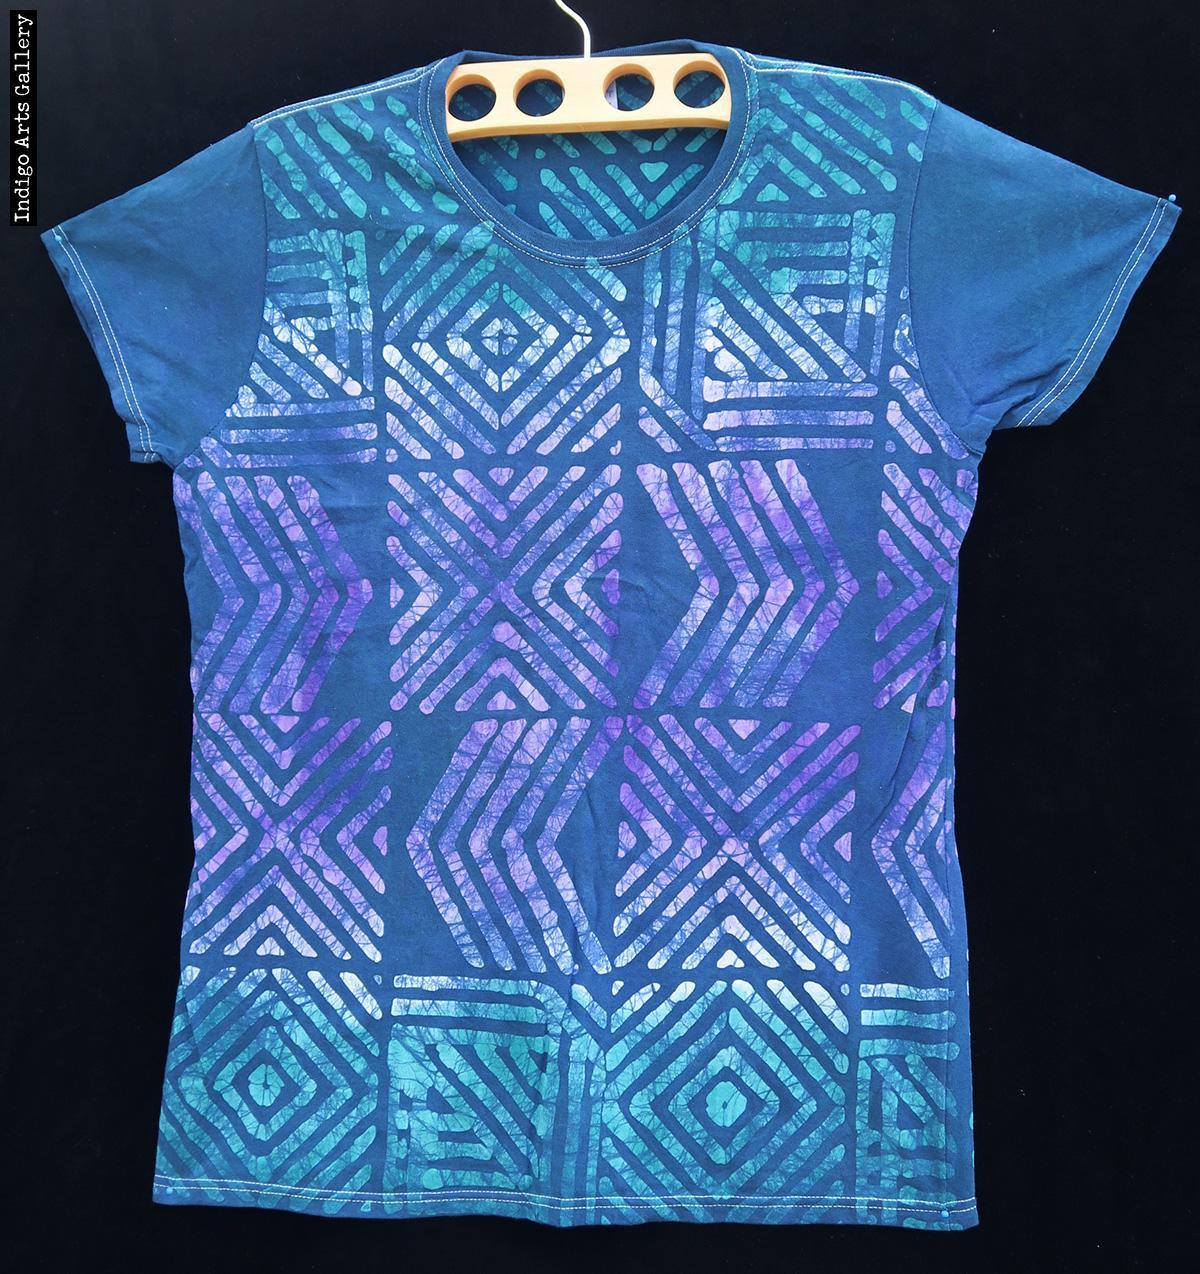 Batik T Shirt By Gasali Adeyemo